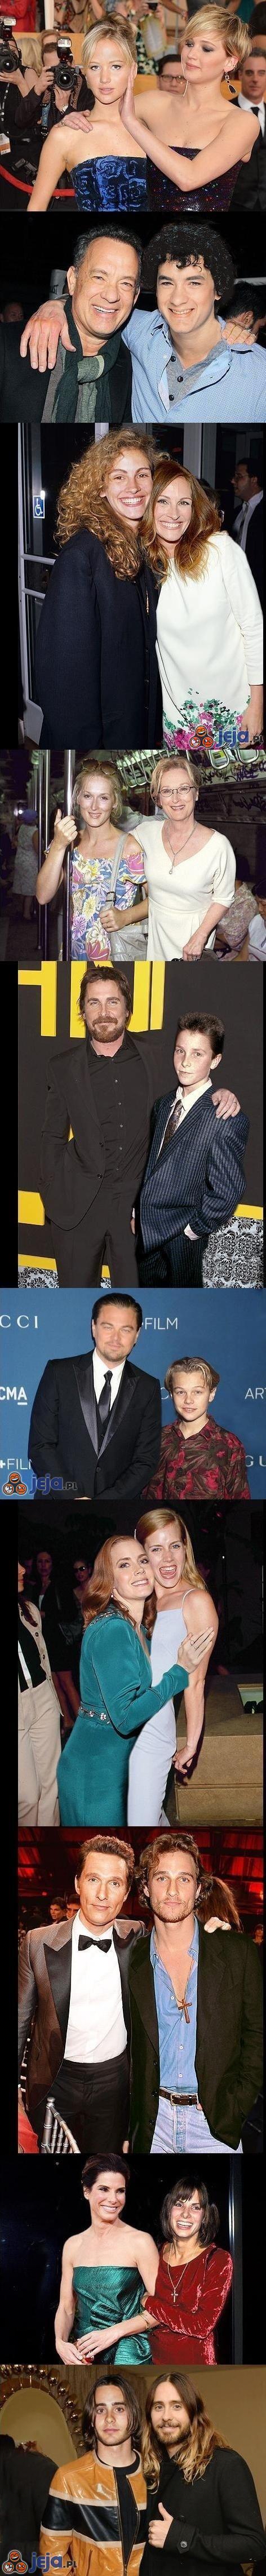 Nominowani od Oskarów i ich młodsze klony